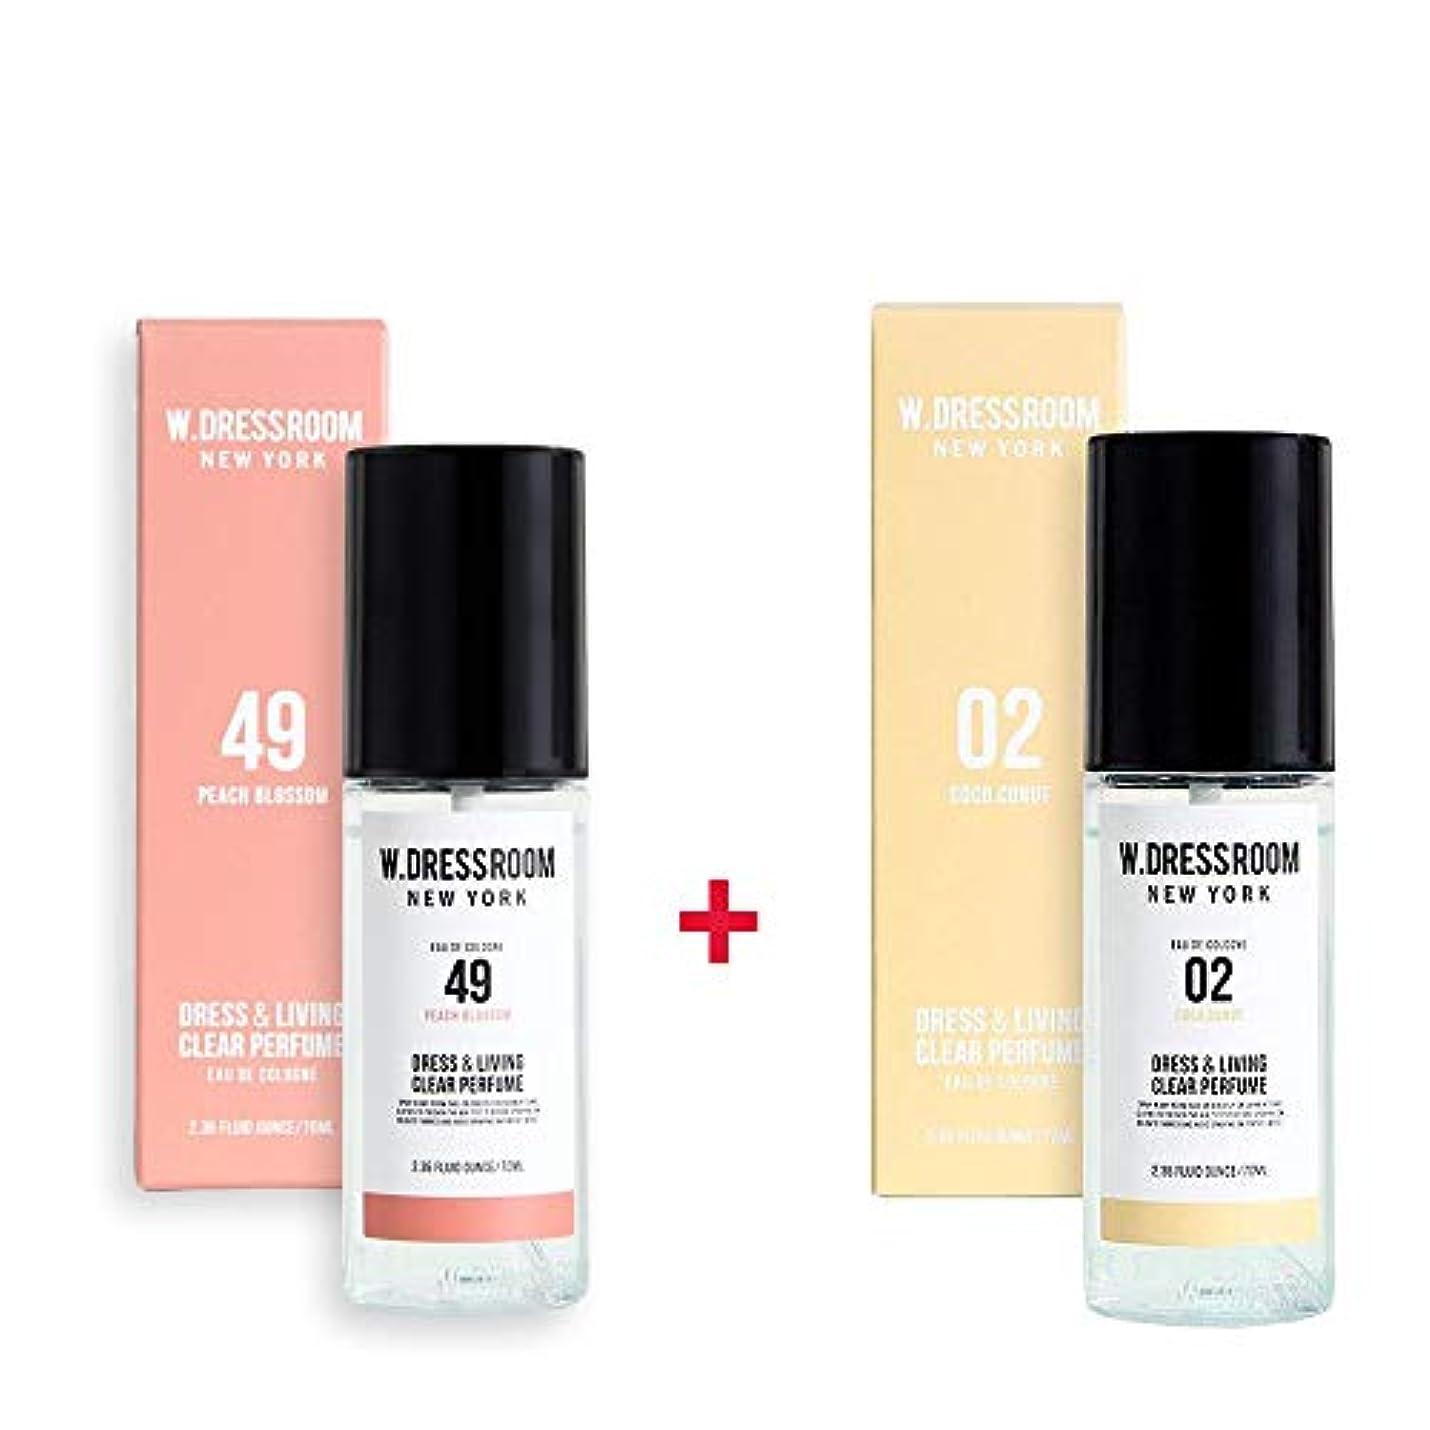 満了グリーンバック最も早いW.DRESSROOM Dress & Living Clear Perfume 70ml (No 49 Peach Blossom)+(No .02 Coco Conut)